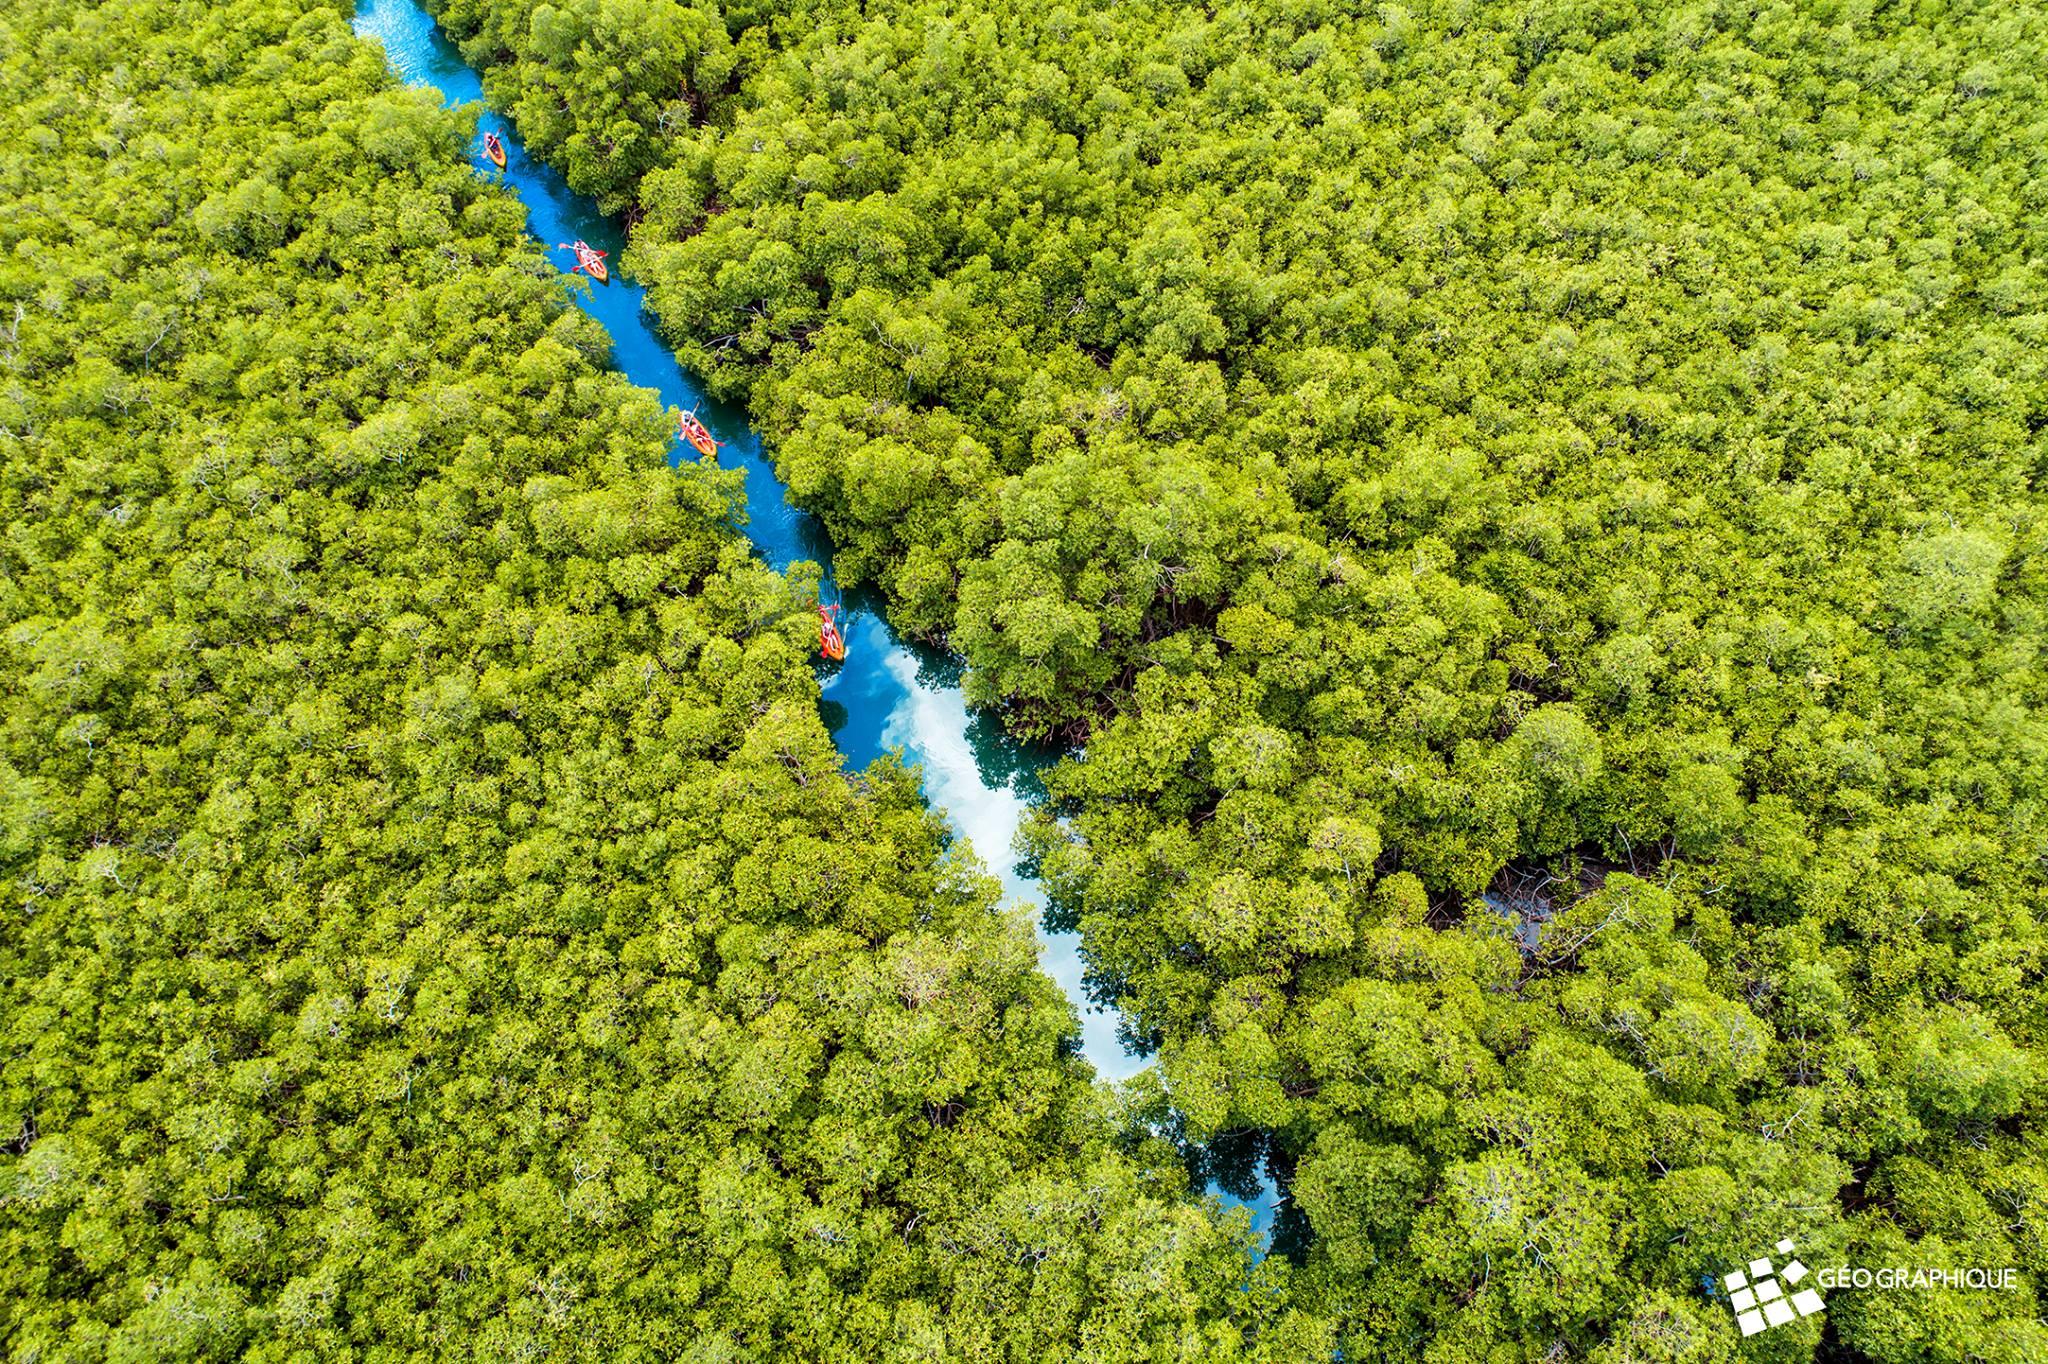 EXPERTISE: La dégradation des mangroves : l'exemple de la baie de Fort-de-France